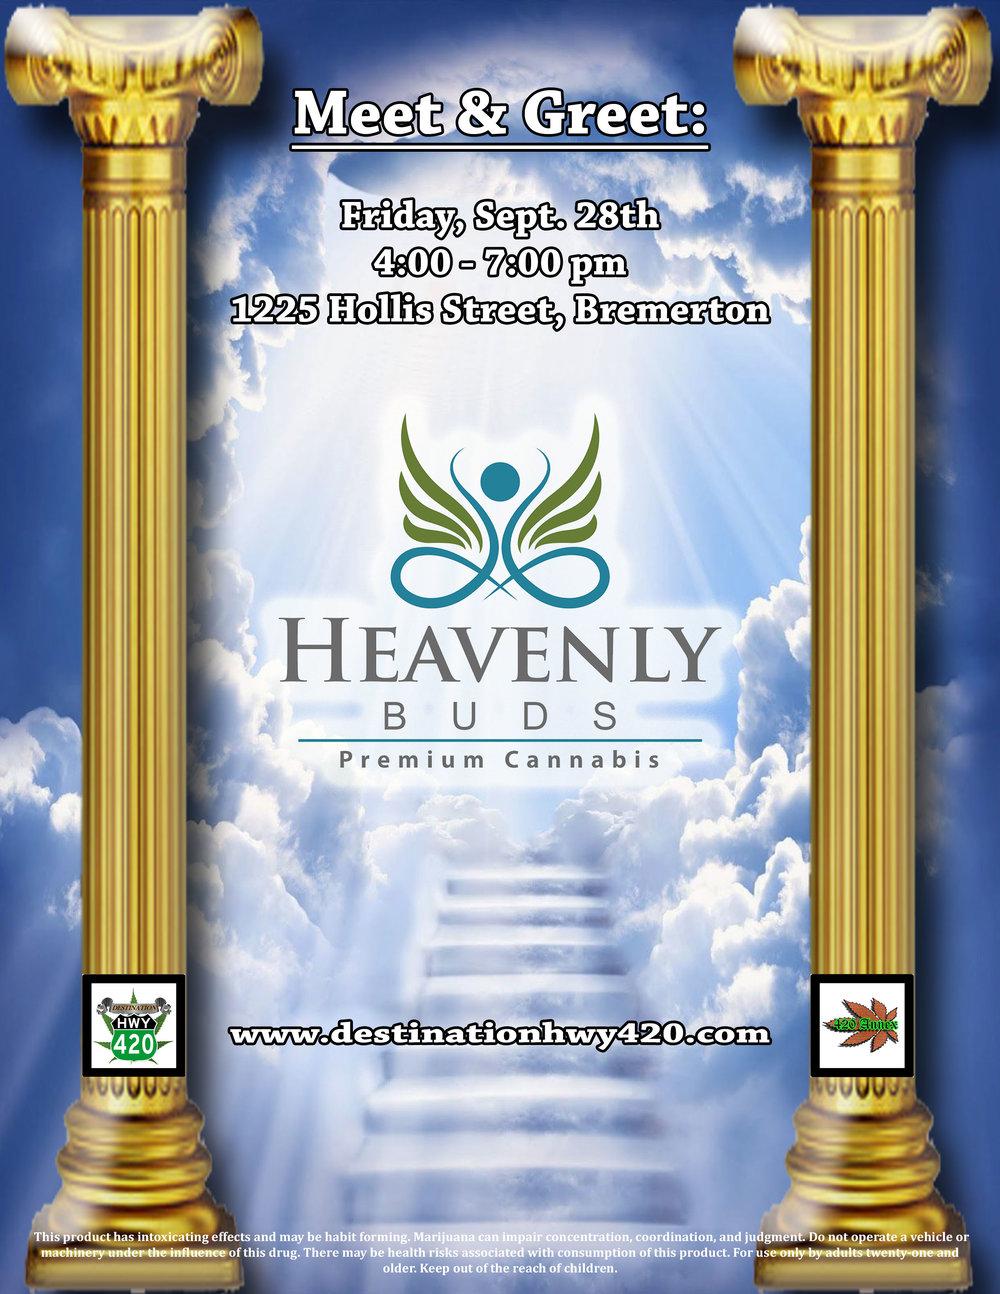 Heavenly-Buds-Meet-&-Greet-092818.jpg